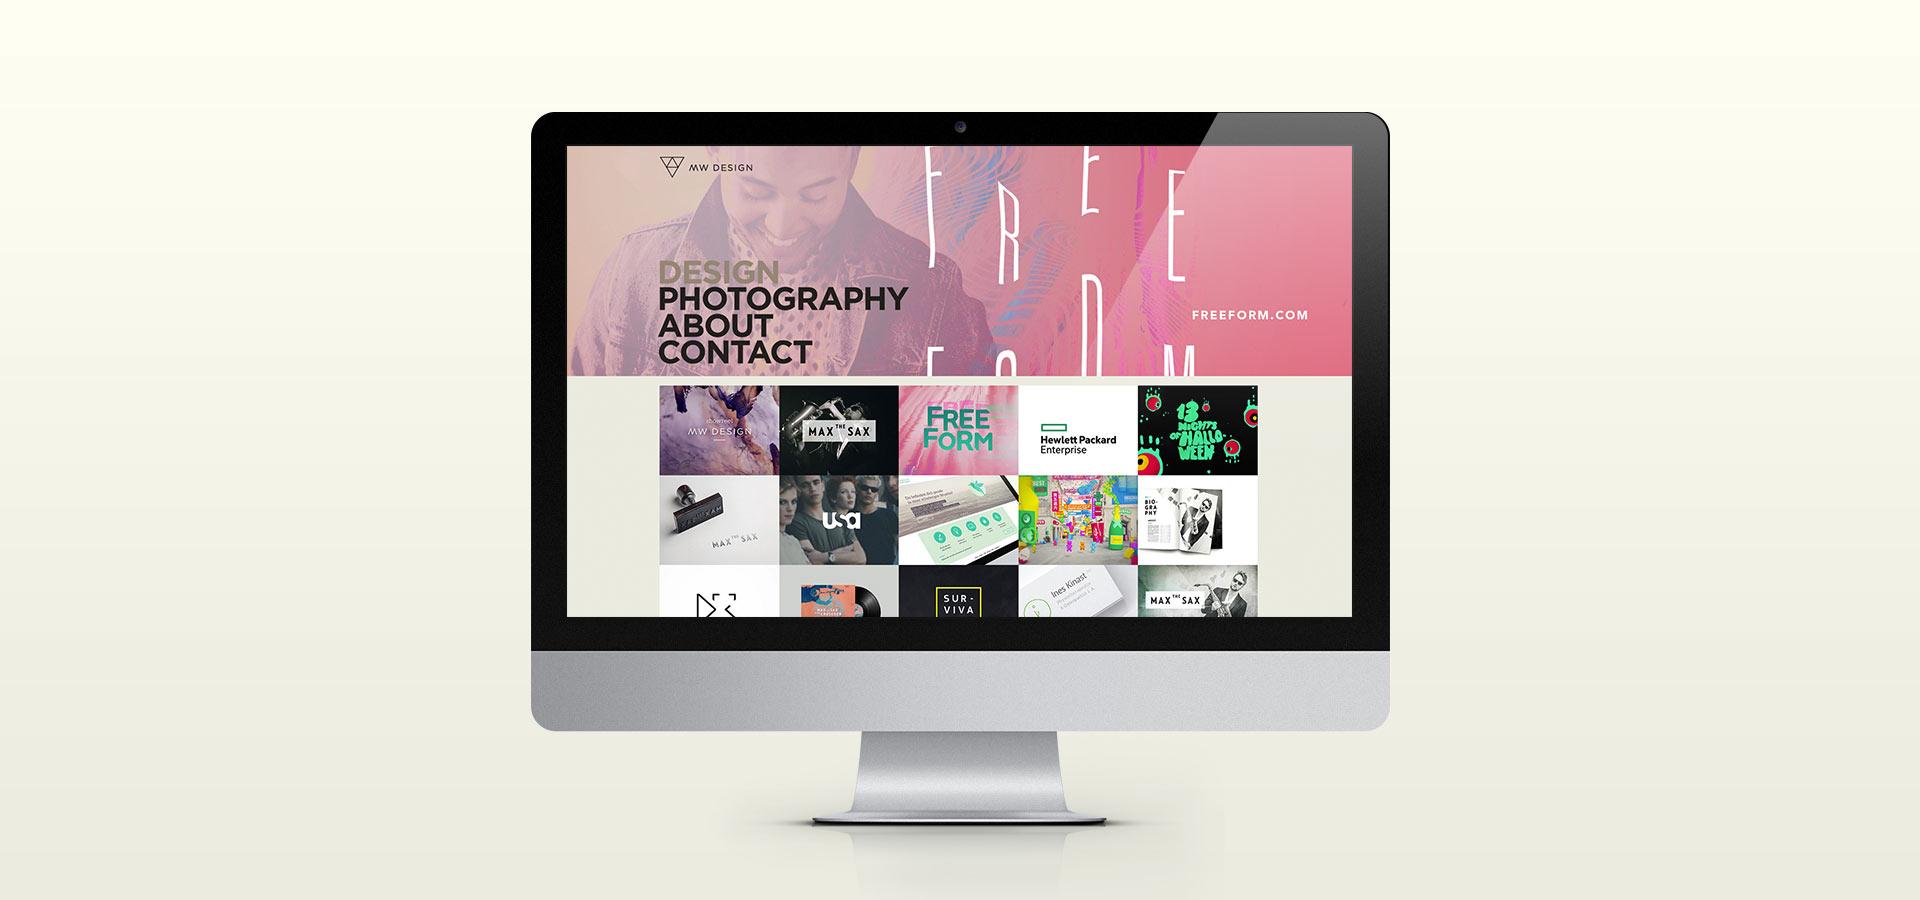 iMac_mywebsite.jpg